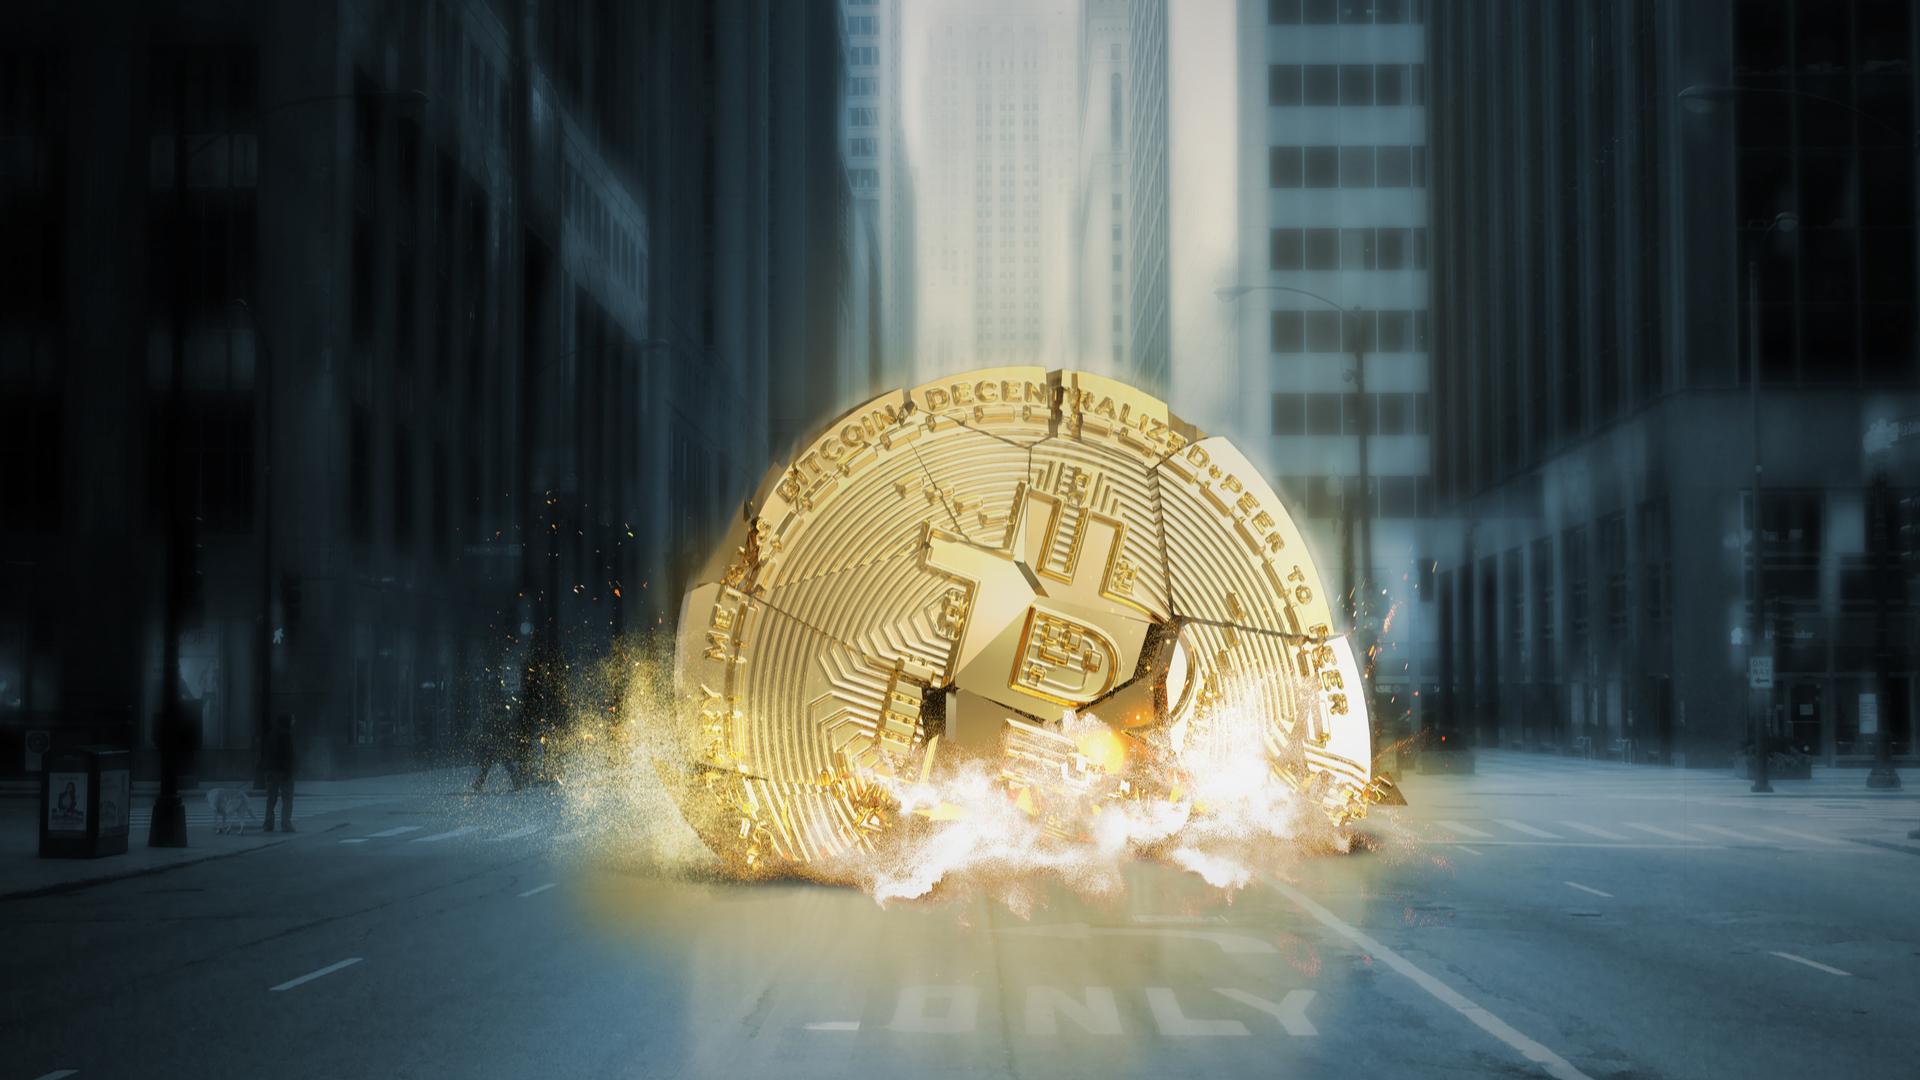 Economista alerta para crise e diz que Bitcoin não é salvação porque não tem controle estatal